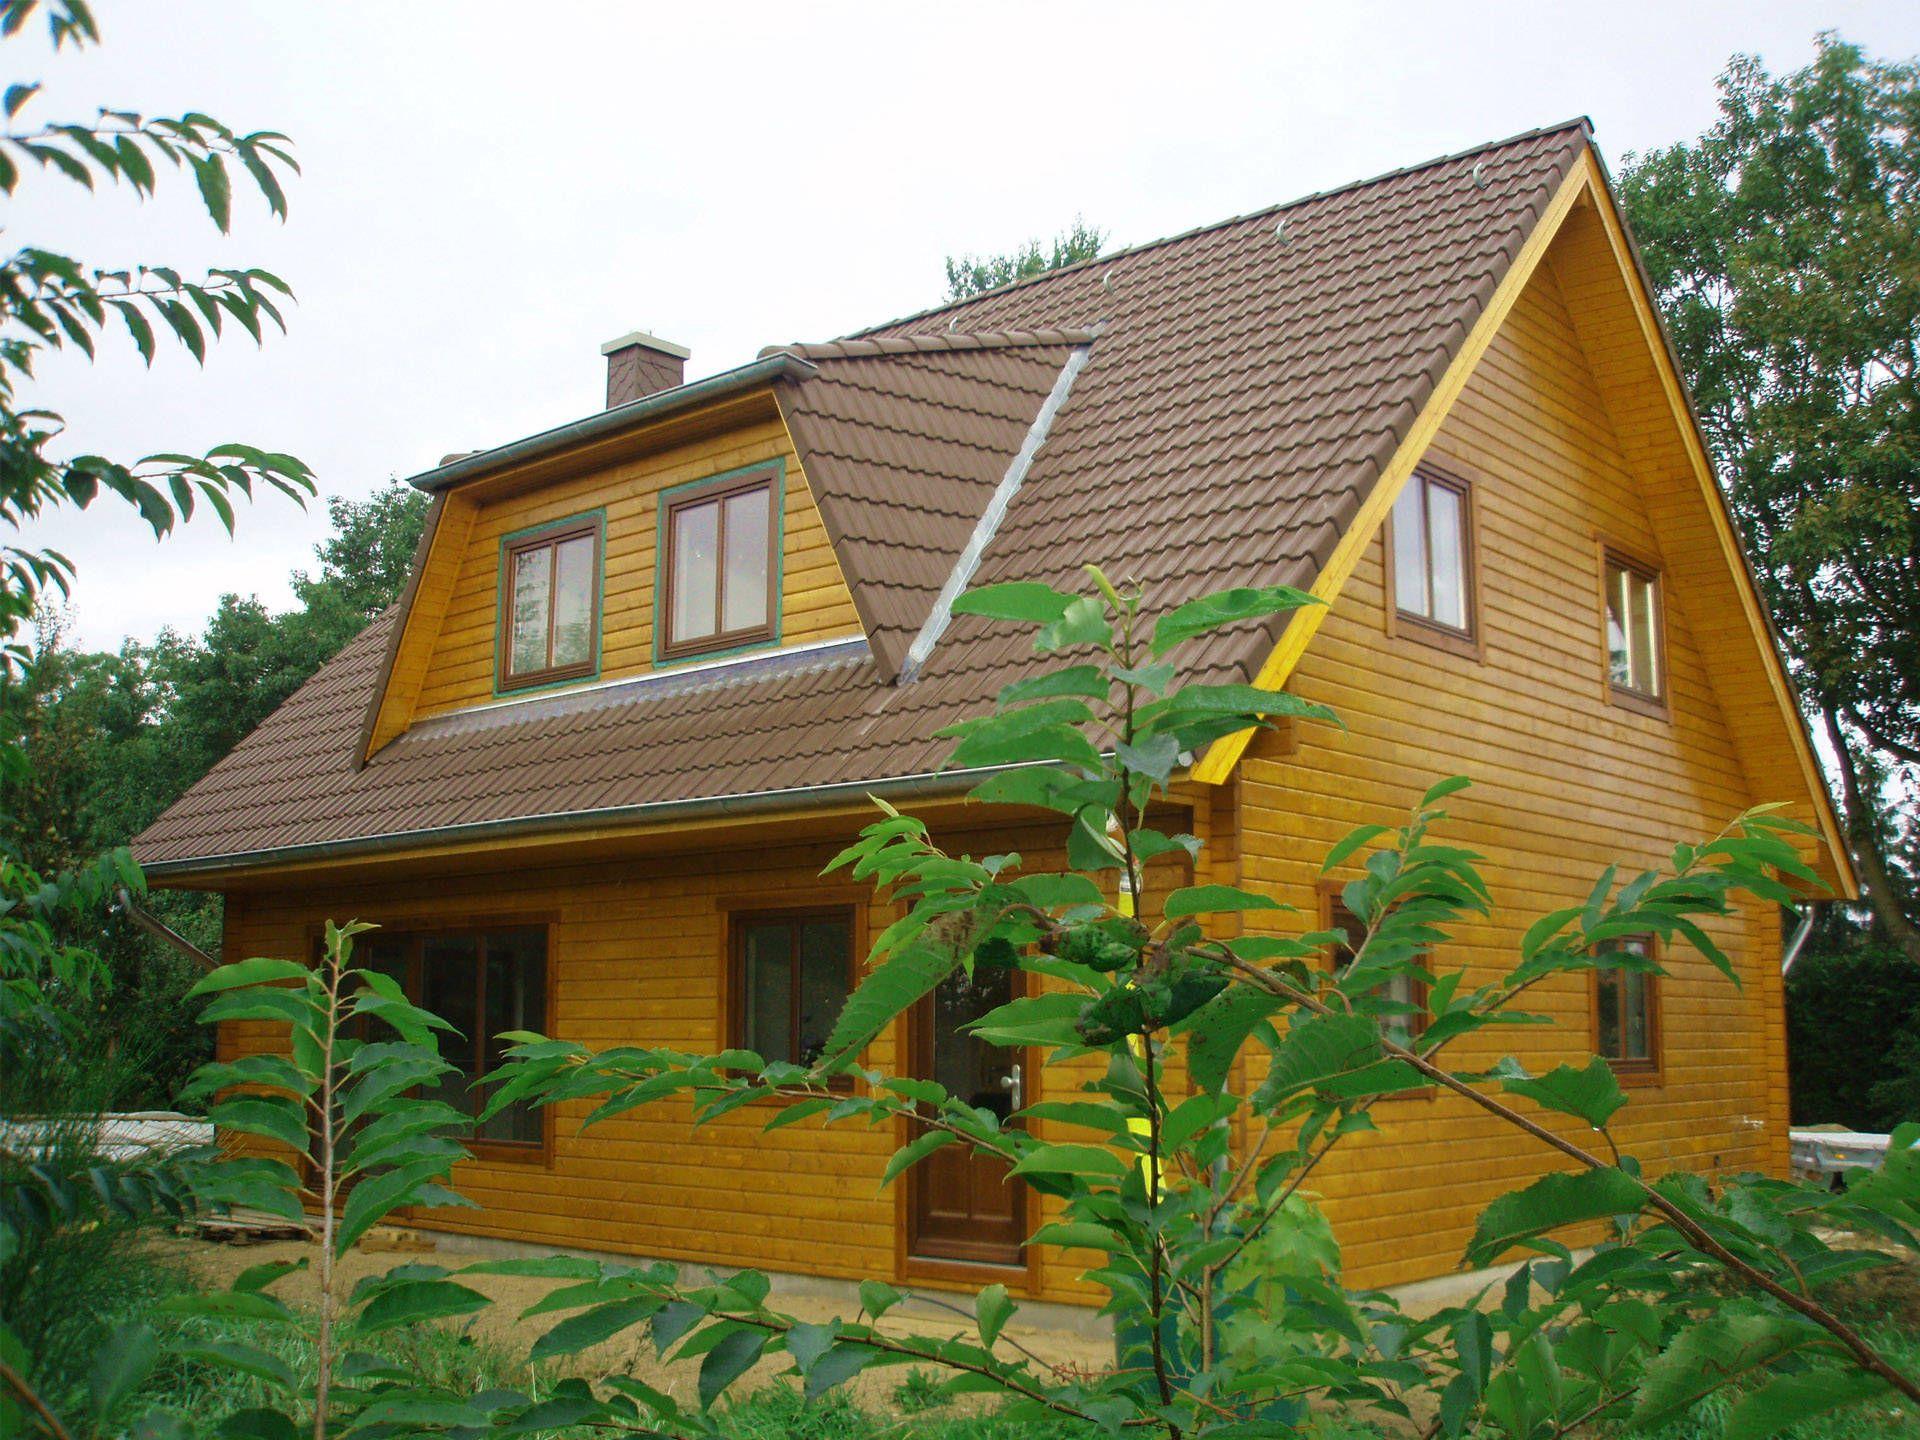 Blockhaus sb70 94 • blockhaus von schwesig söhne • klassisches holzhaus mit satteldach und